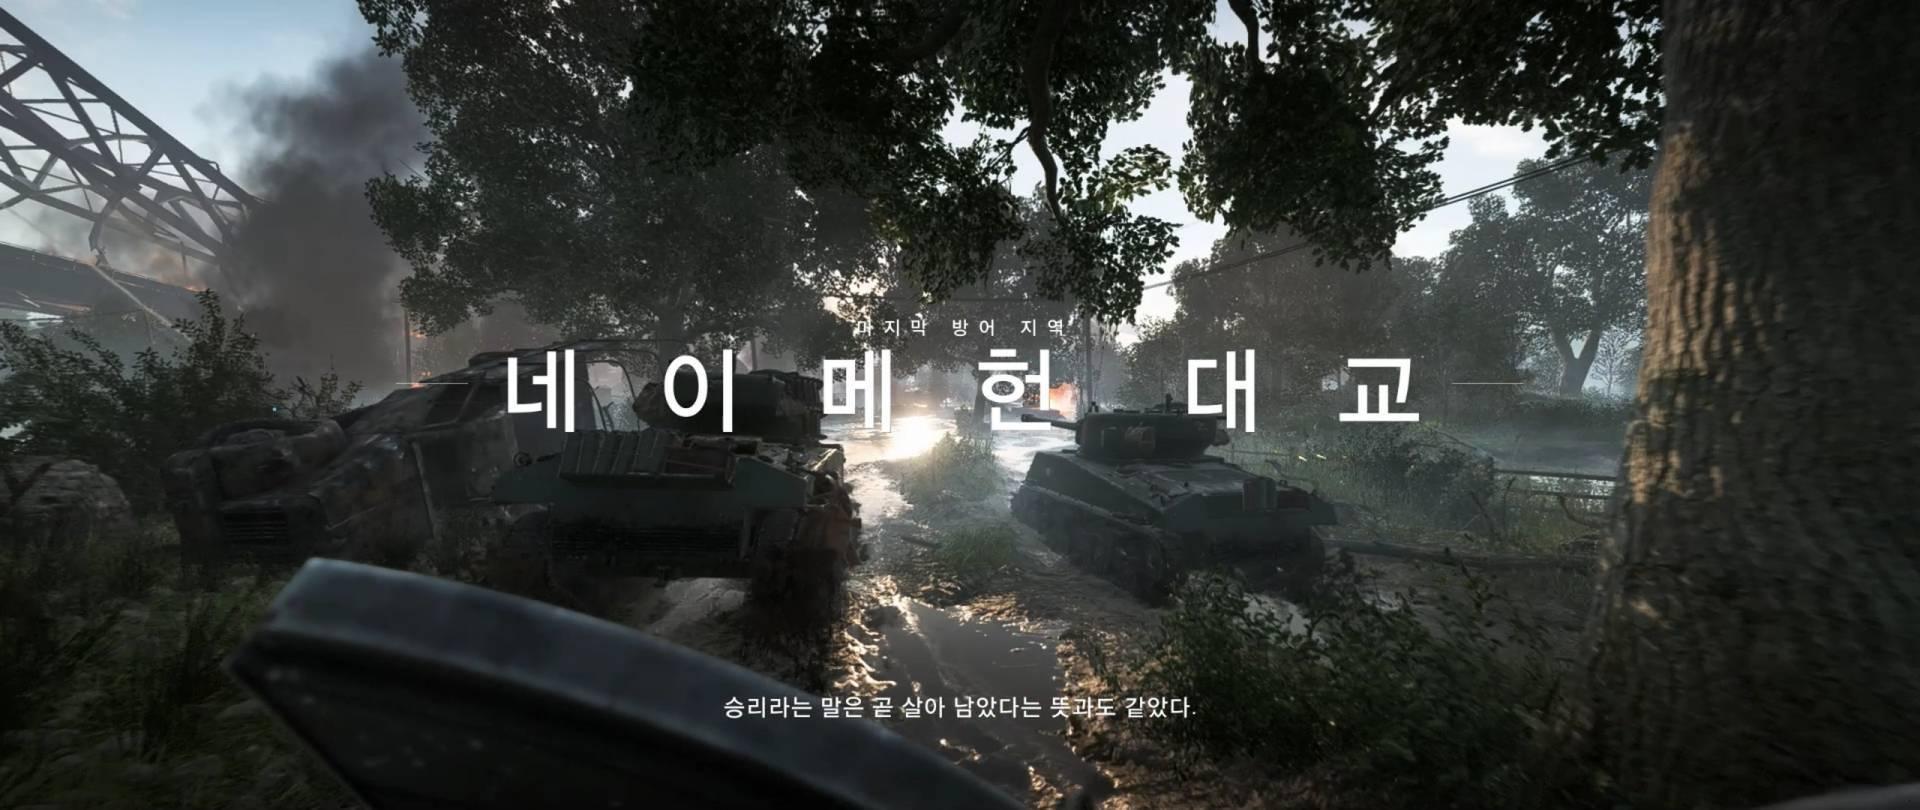 Battlefield V 2018.11.09 - 23.50.42.02.mp4_20181110_104359.514.jpg